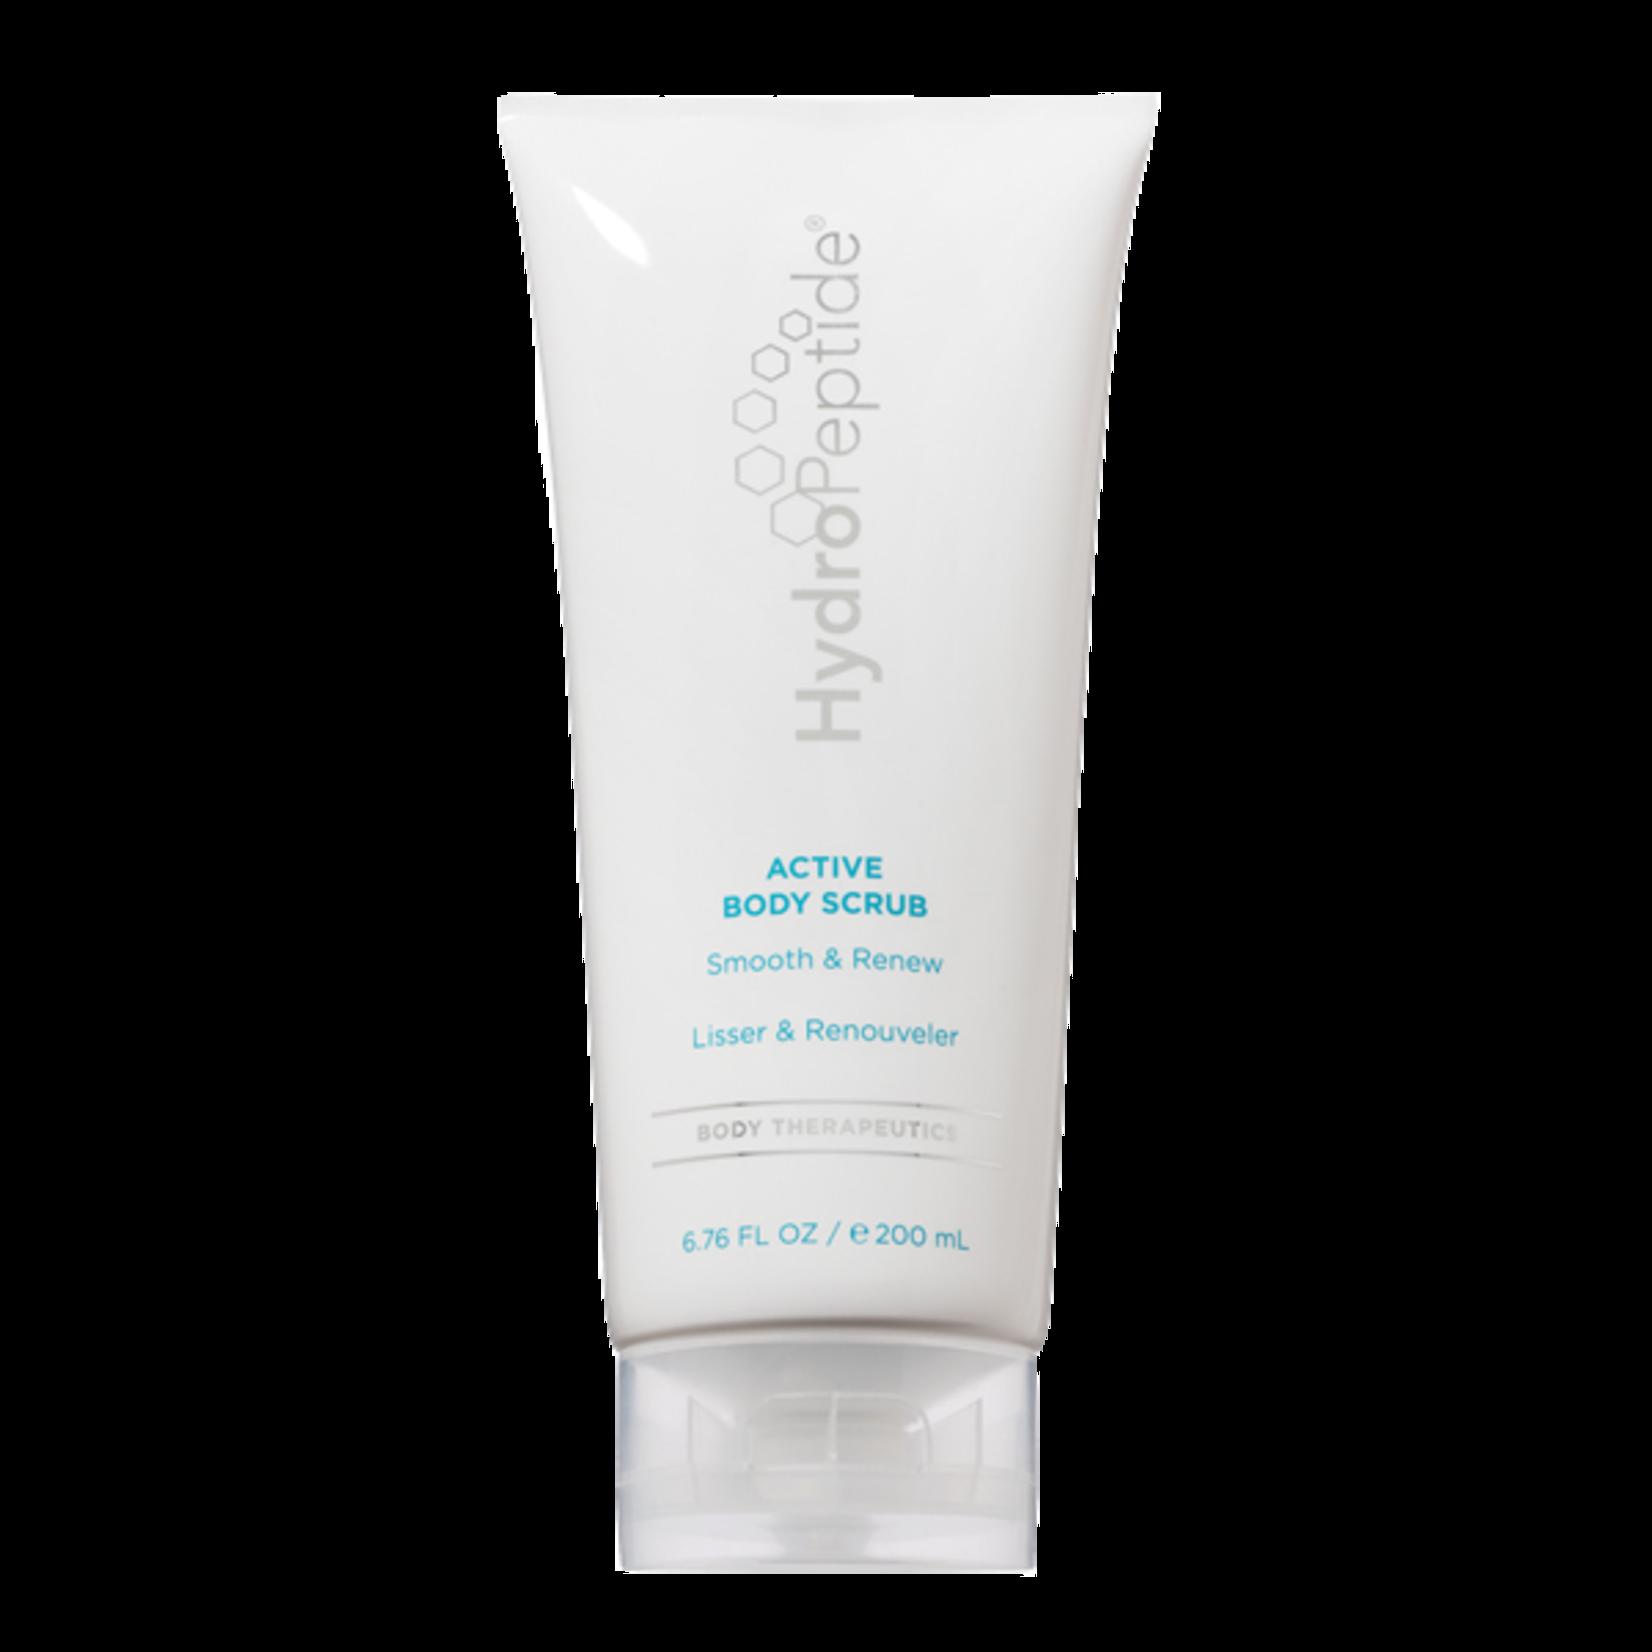 HydroPeptide active body scrub